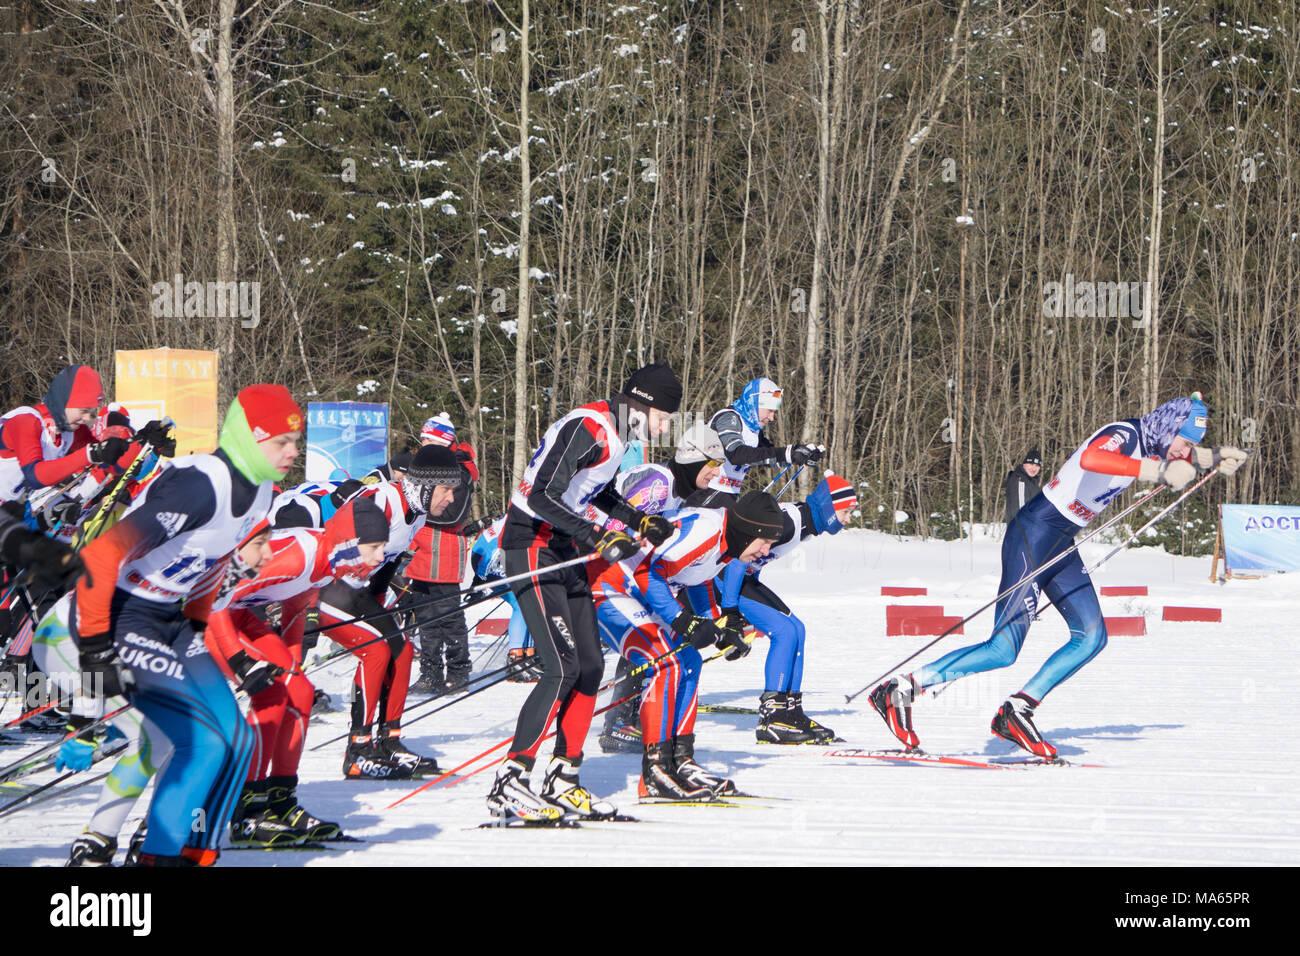 La Russia Berezniki Marzo 11, 2018: i primi secondi di avviare i partecipanti della messa tradizionale competizioni di sci pista da sci. Immagini Stock